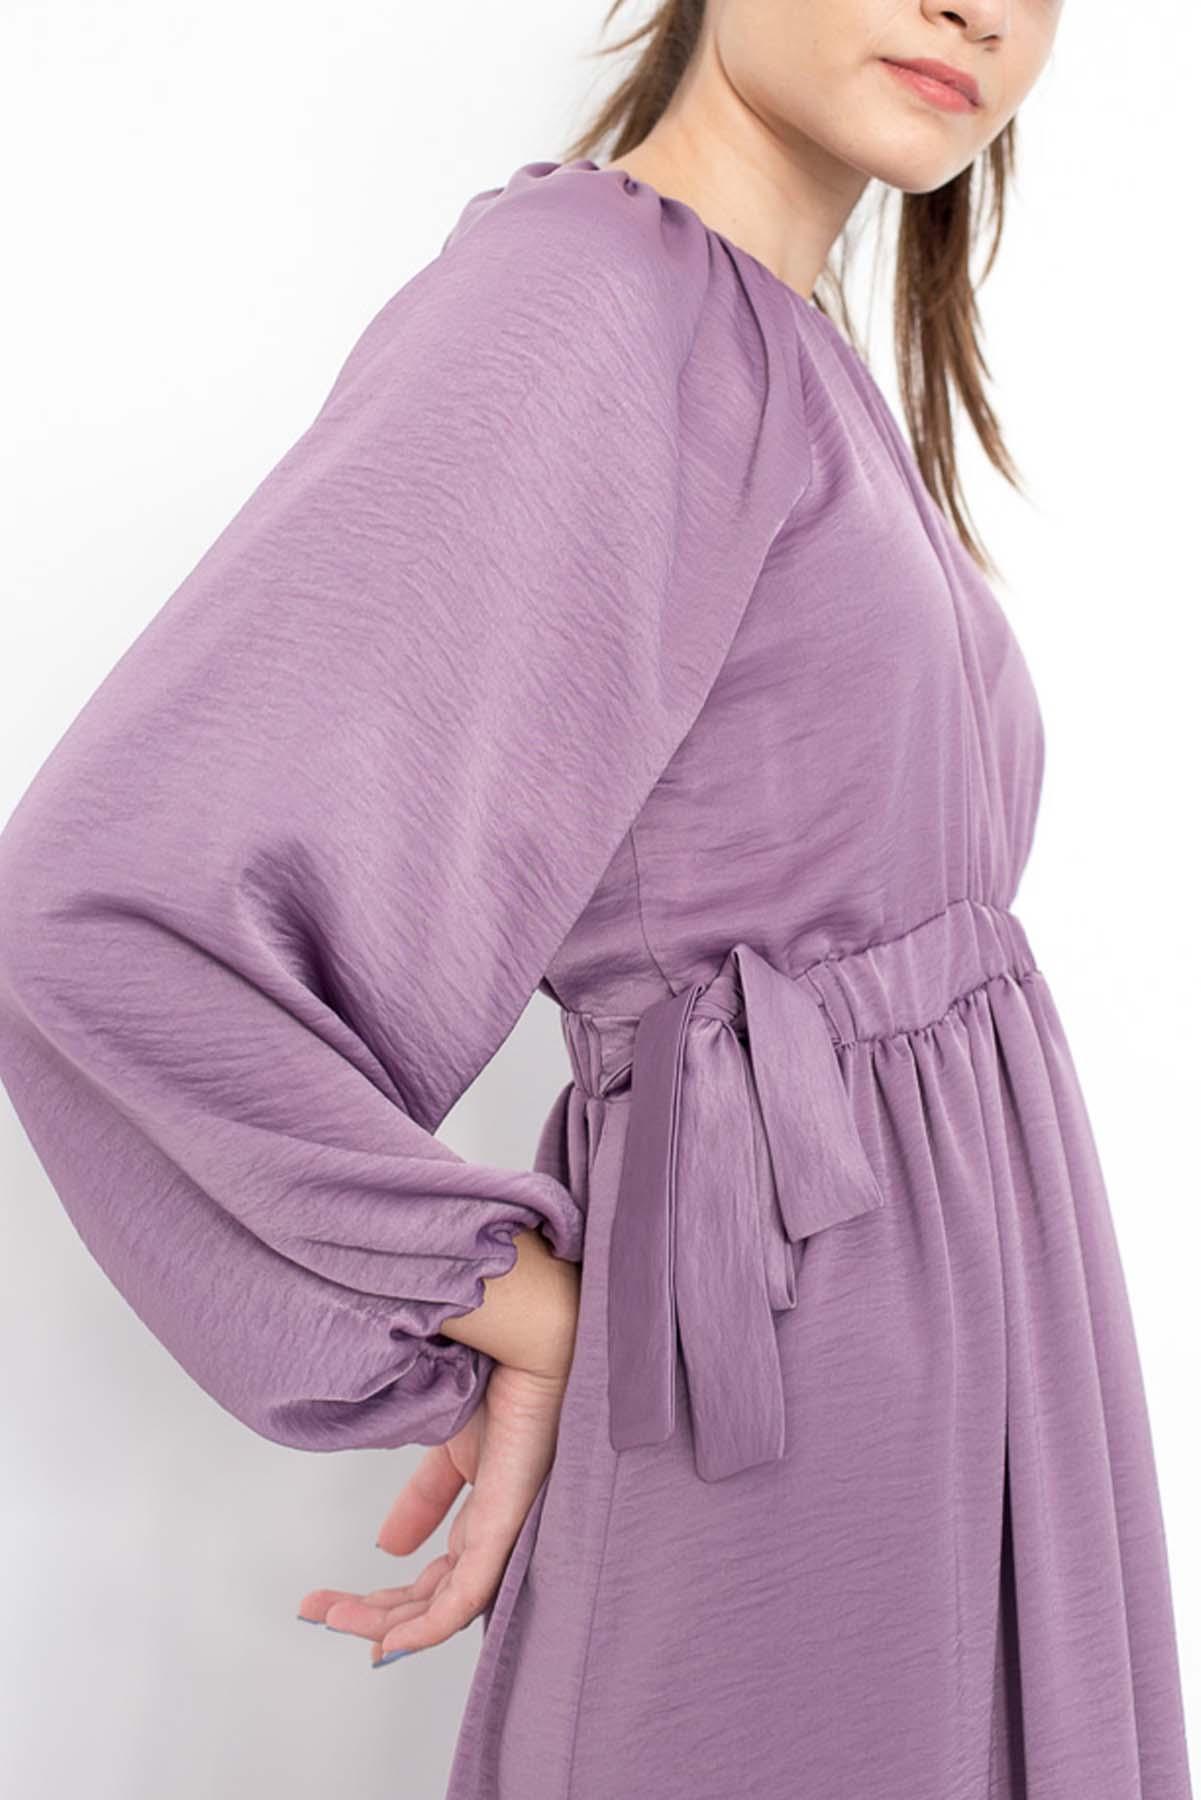 Mevra - Kuşaklı Elbise Lavantaa